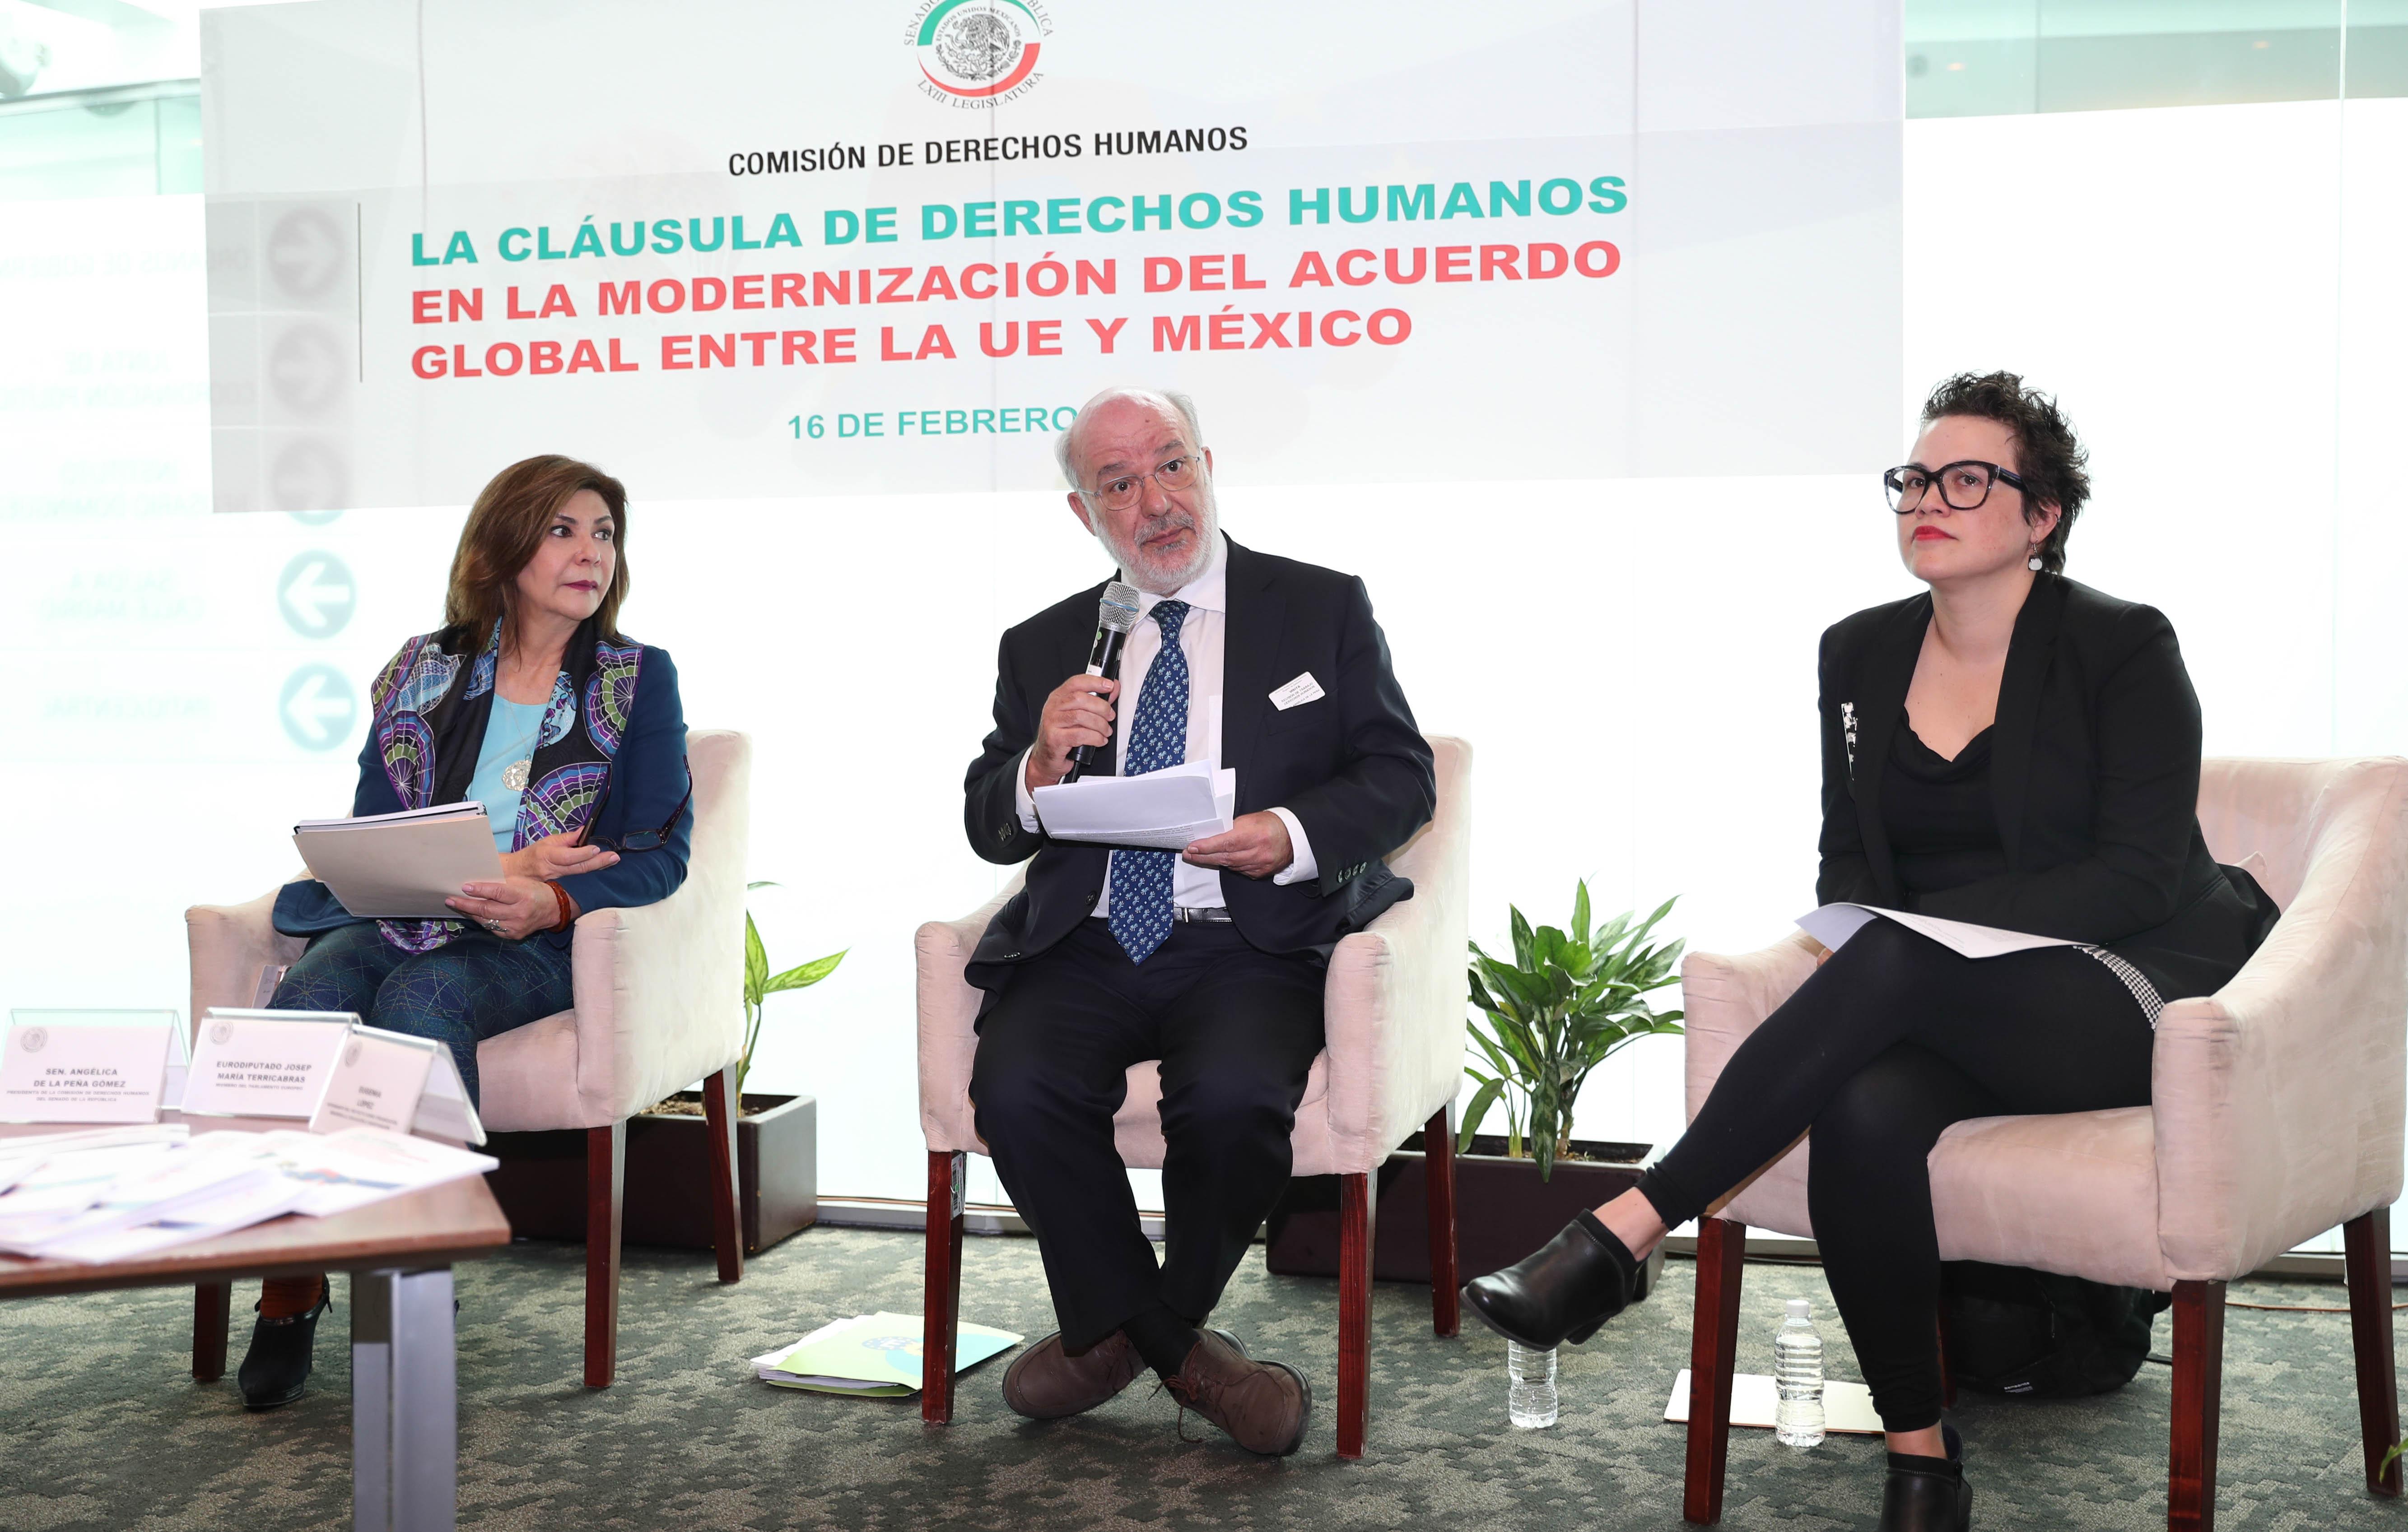 Recomiendan convertir la Cláusula de Derechos Humanos entre la UE y México en instrumento de supervisión y cooperación